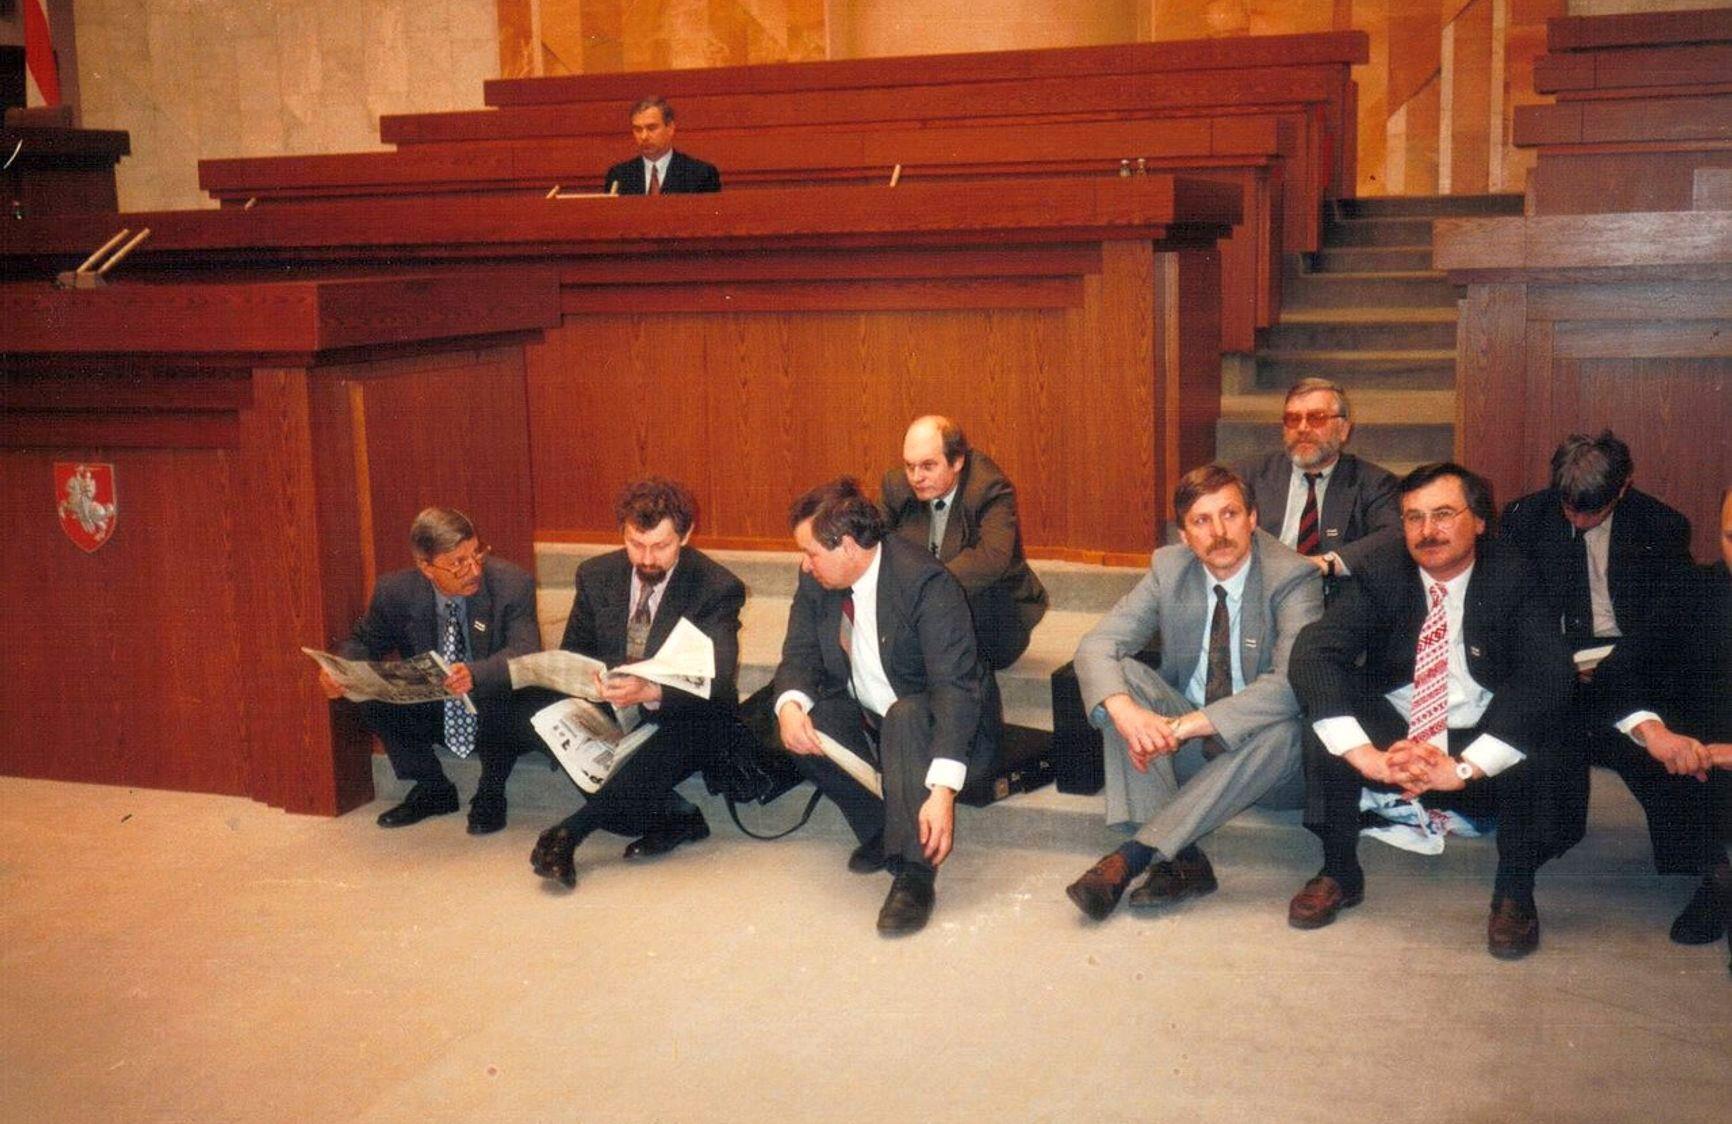 Голодающие депутаты в Верховном Совете Республики Беларусь, 11.04.1995